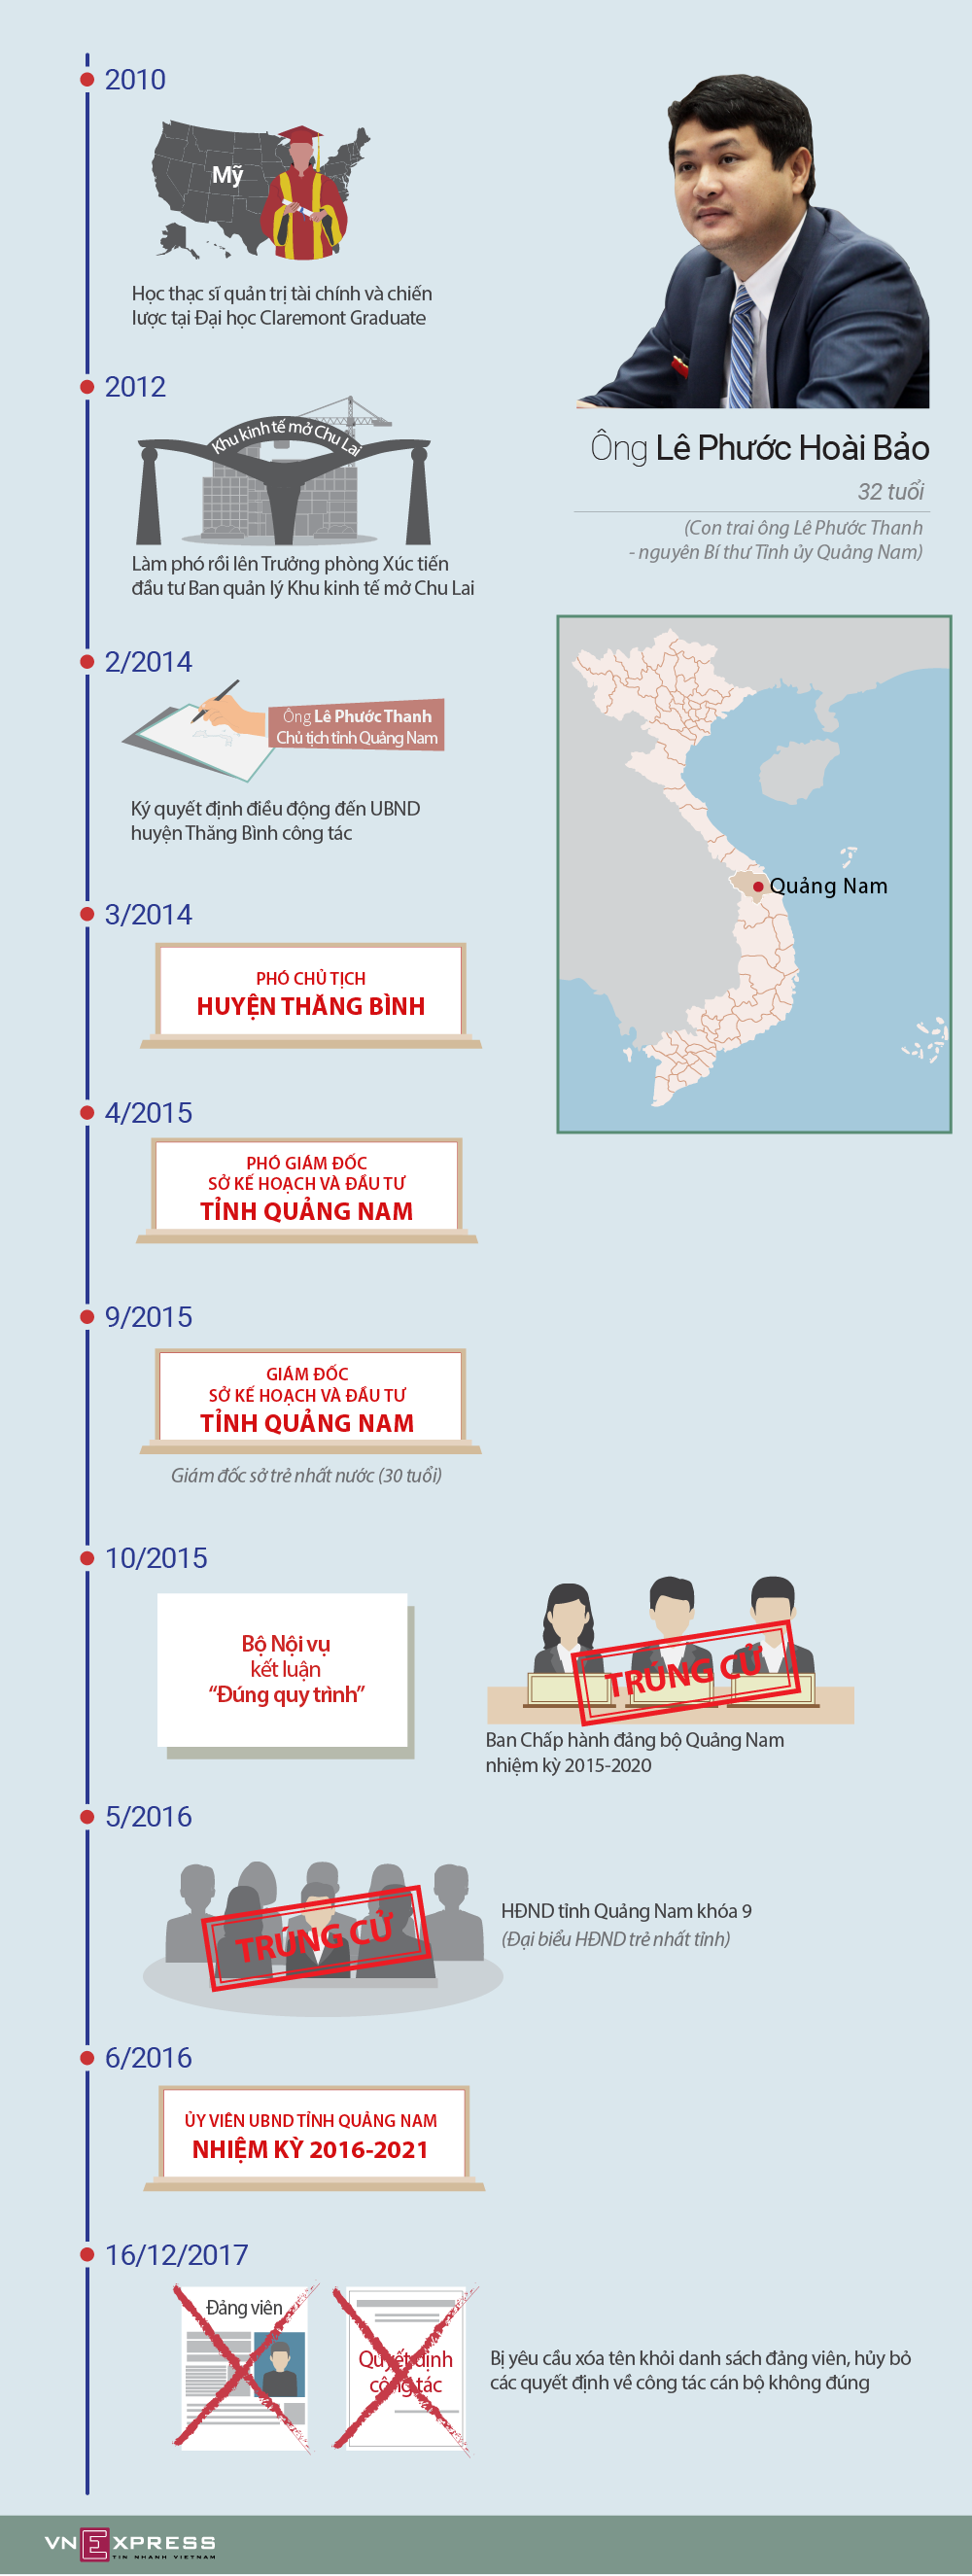 Đường thăng tiến của con trai cựu Bí thư Quảng Nam